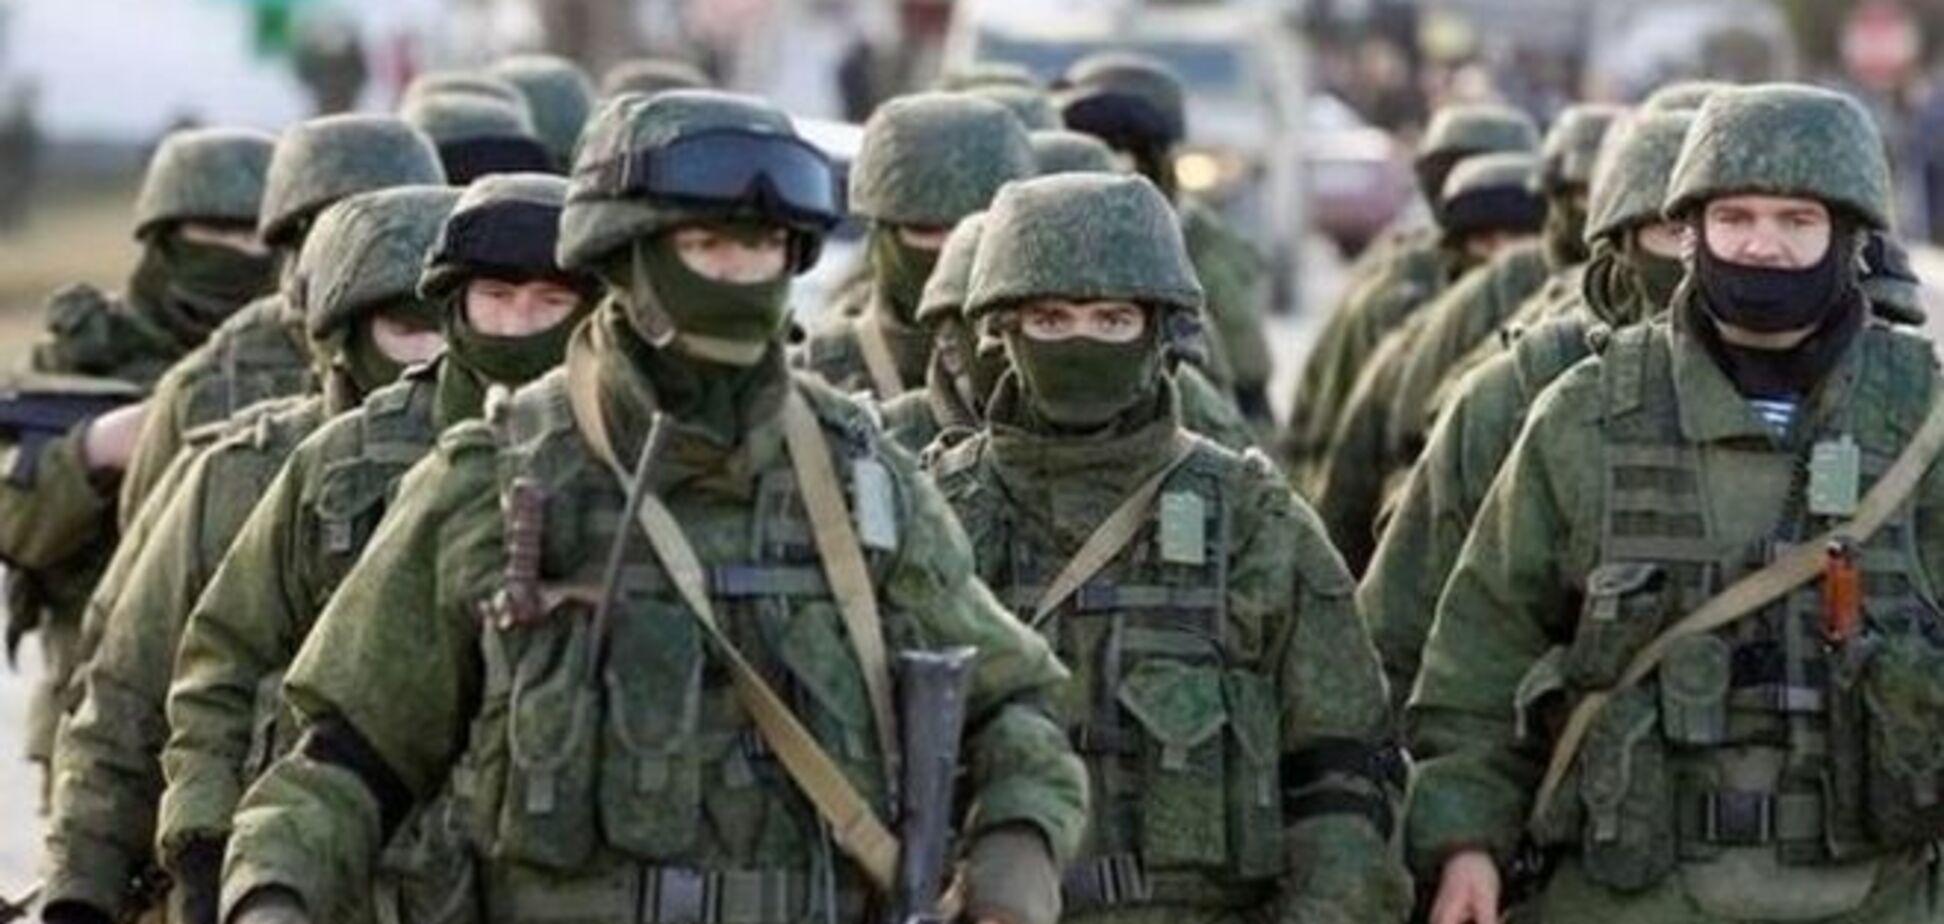 'Были да сплыли': российский спецназ ГРУ срочно покидает Луганщину - Генштаб